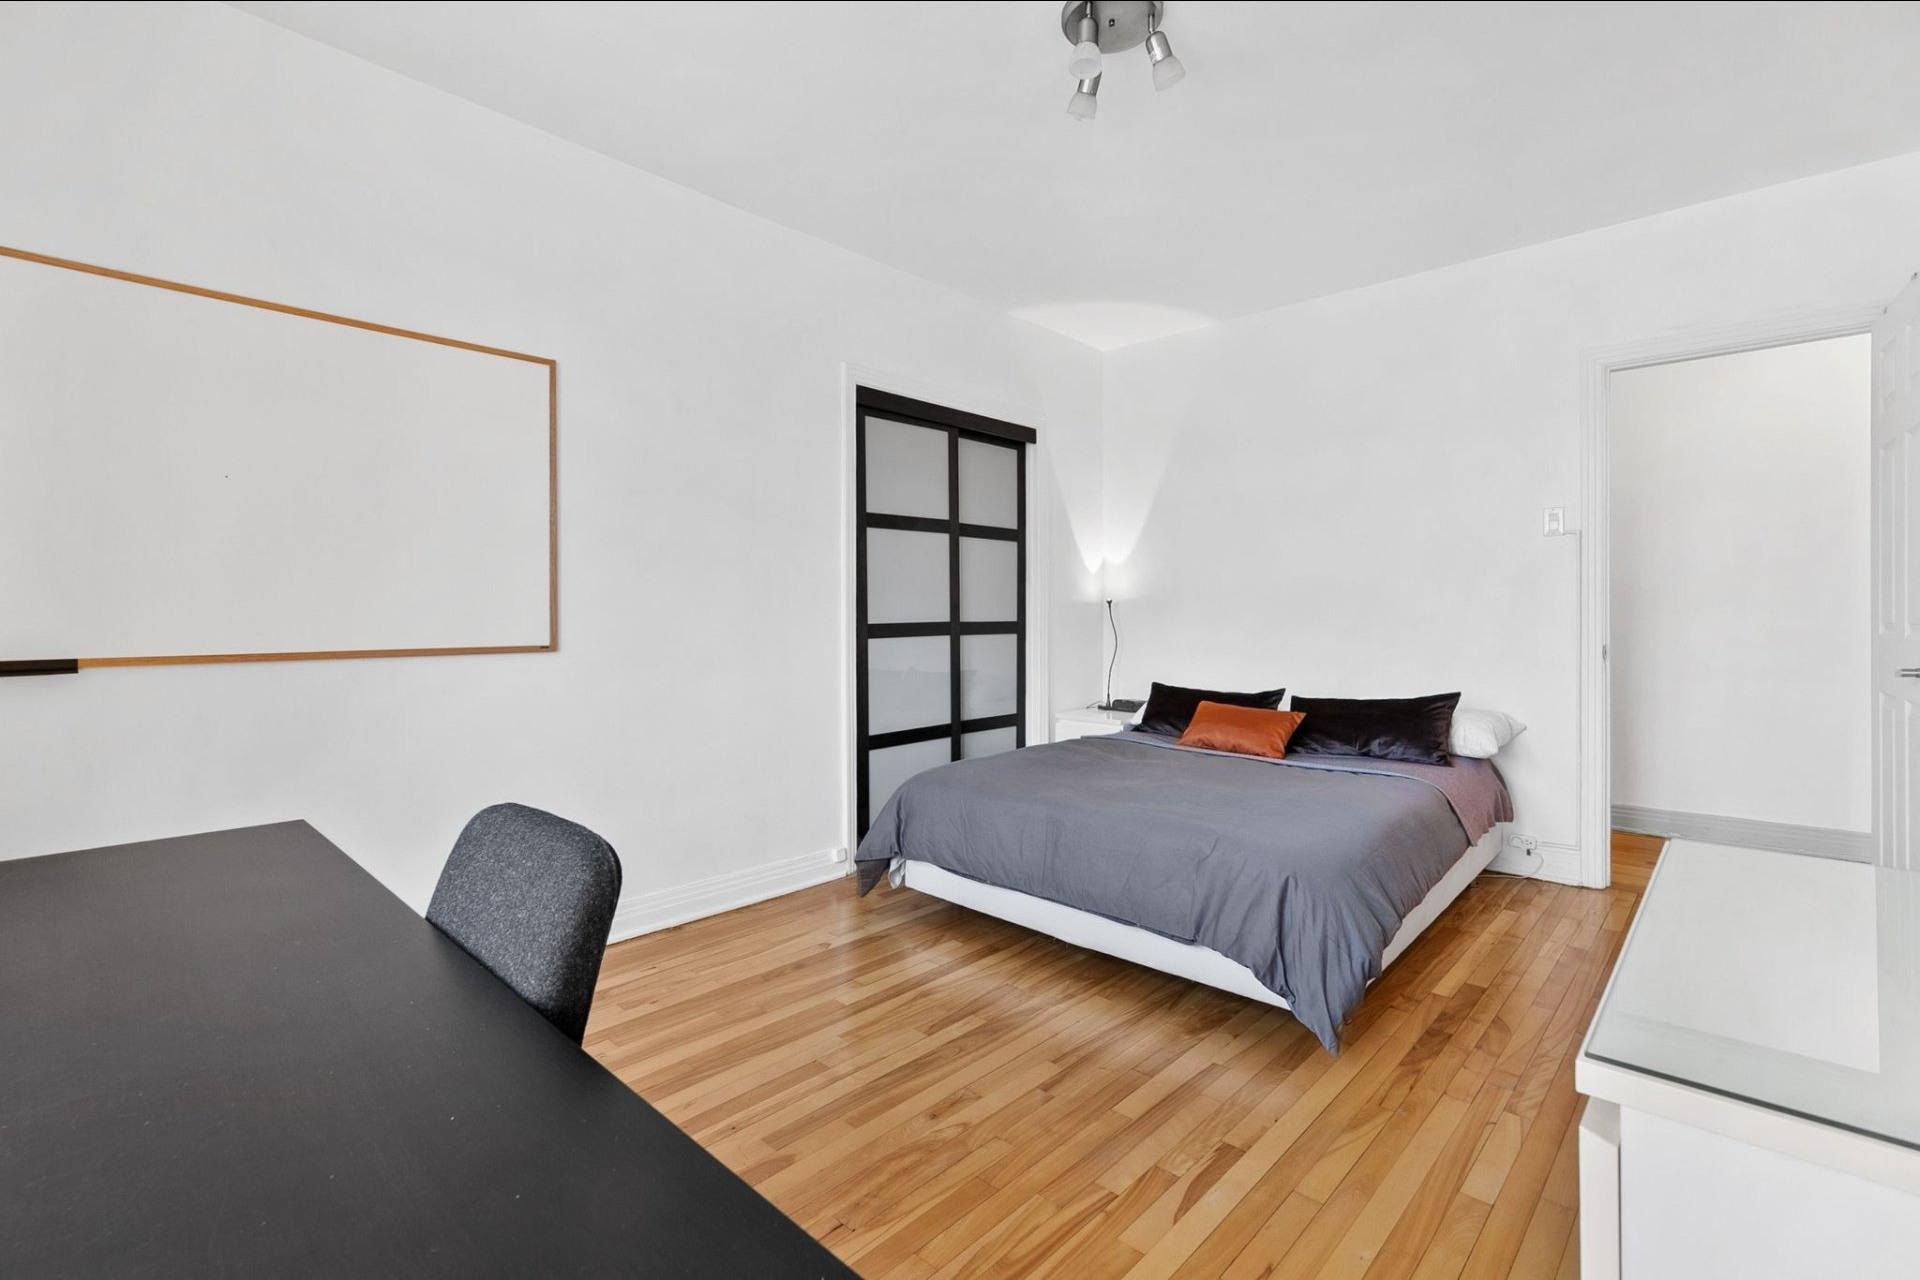 image 4 - Appartement À vendre Côte-des-Neiges/Notre-Dame-de-Grâce Montréal  - 5 pièces